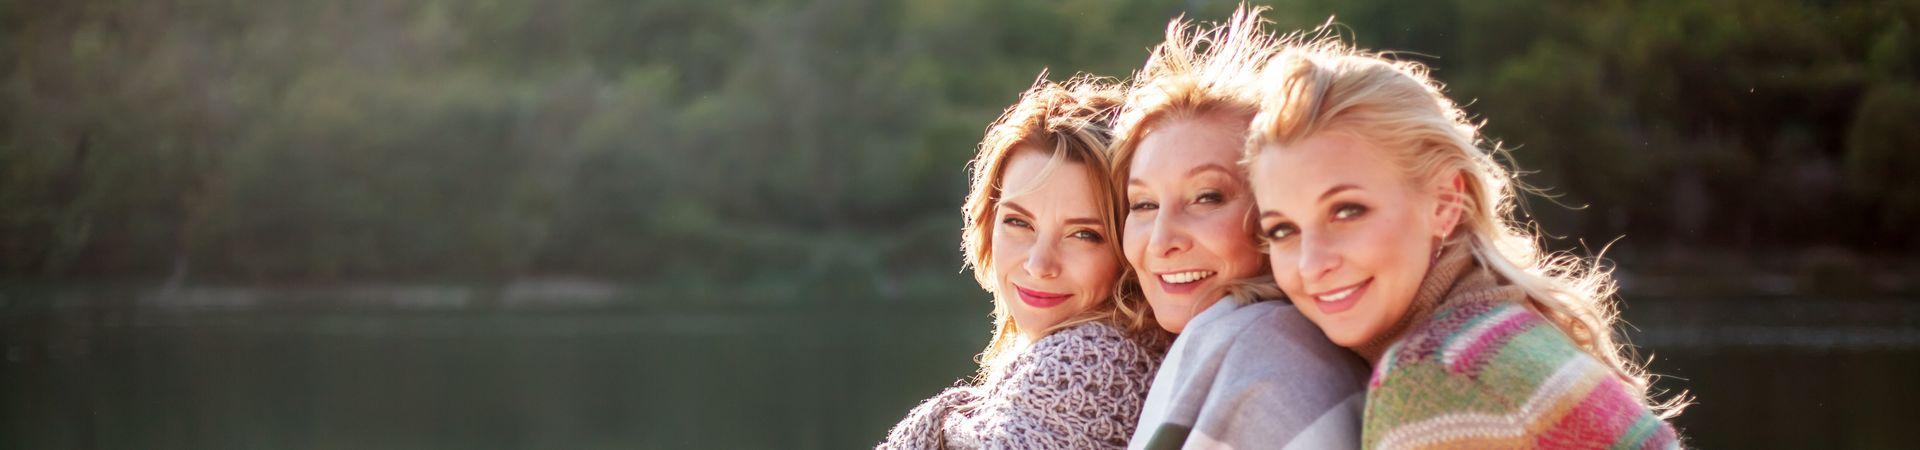 Wellness Wochenende für Mutter und Tochter